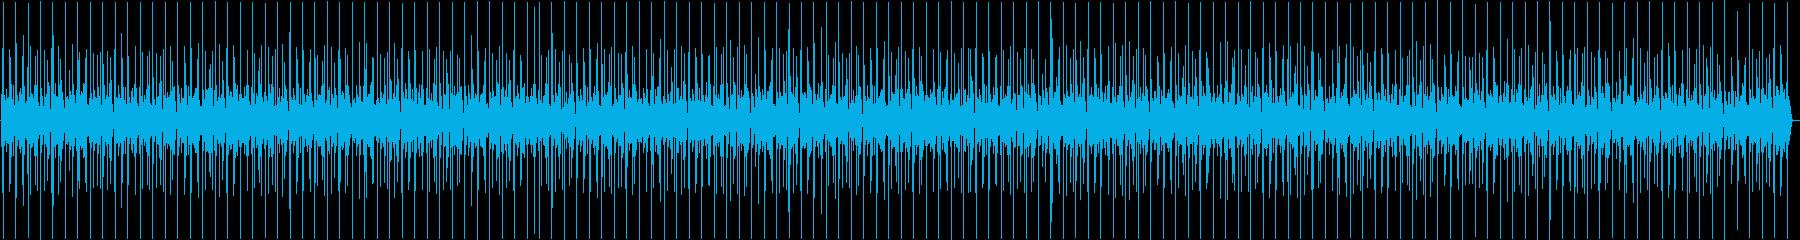 工場の環境音ですの再生済みの波形